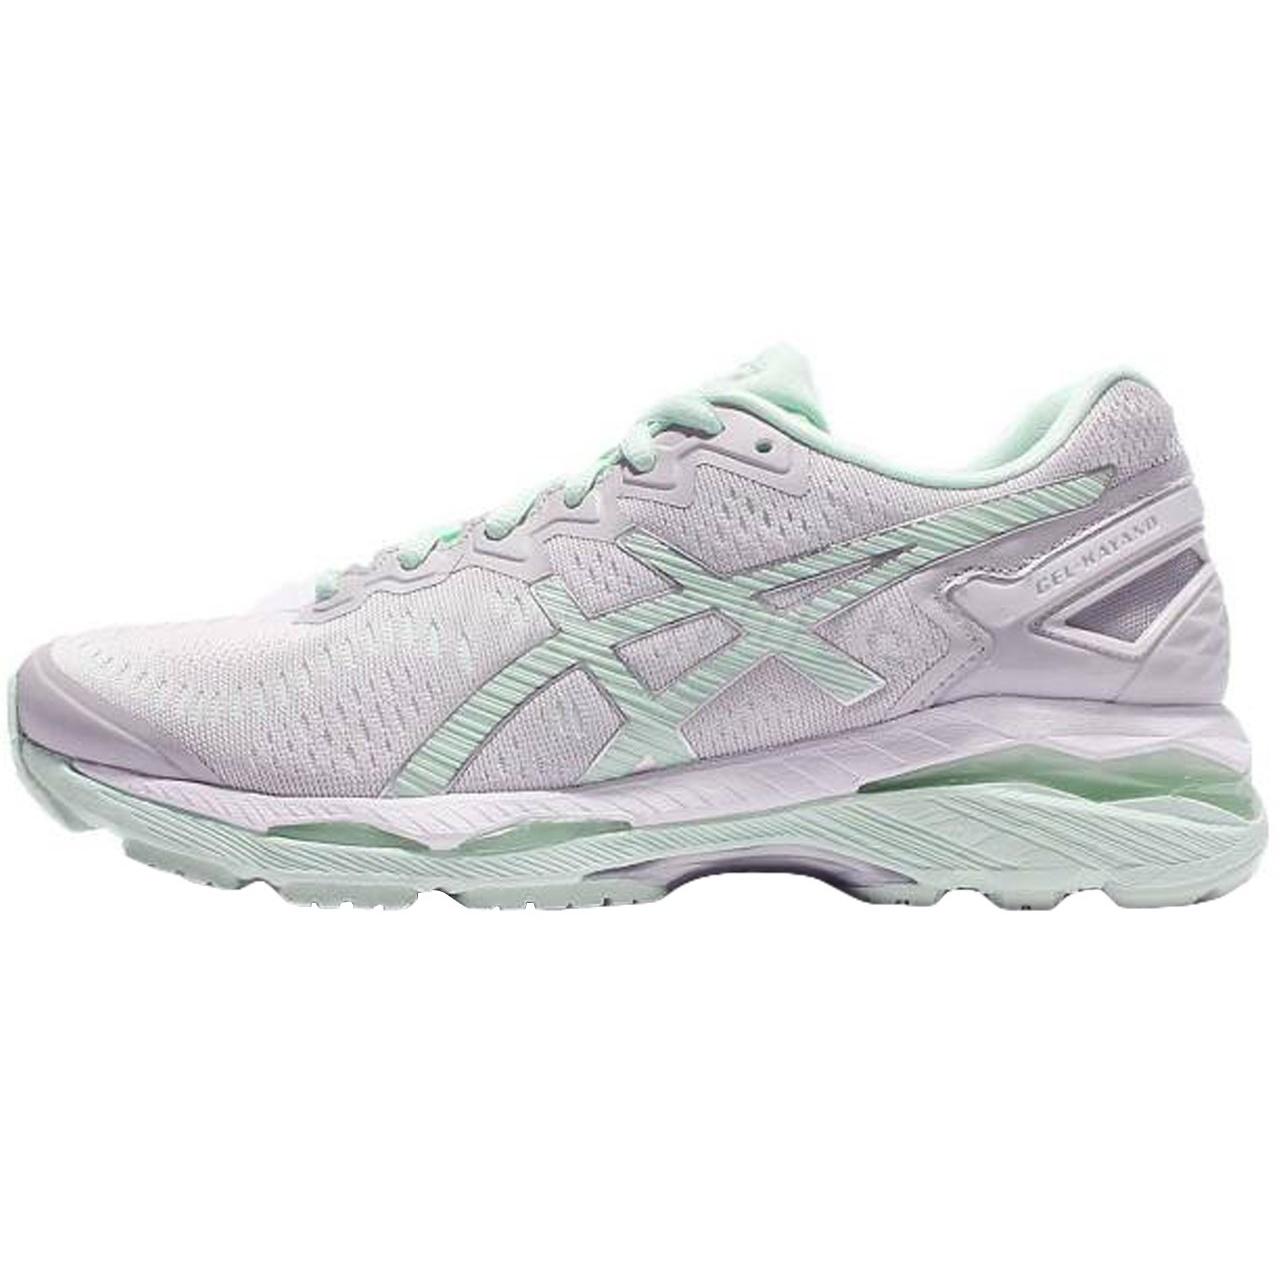 کفش مخصوص دویدن زنانه اسیکس مدل GEL kayano 23